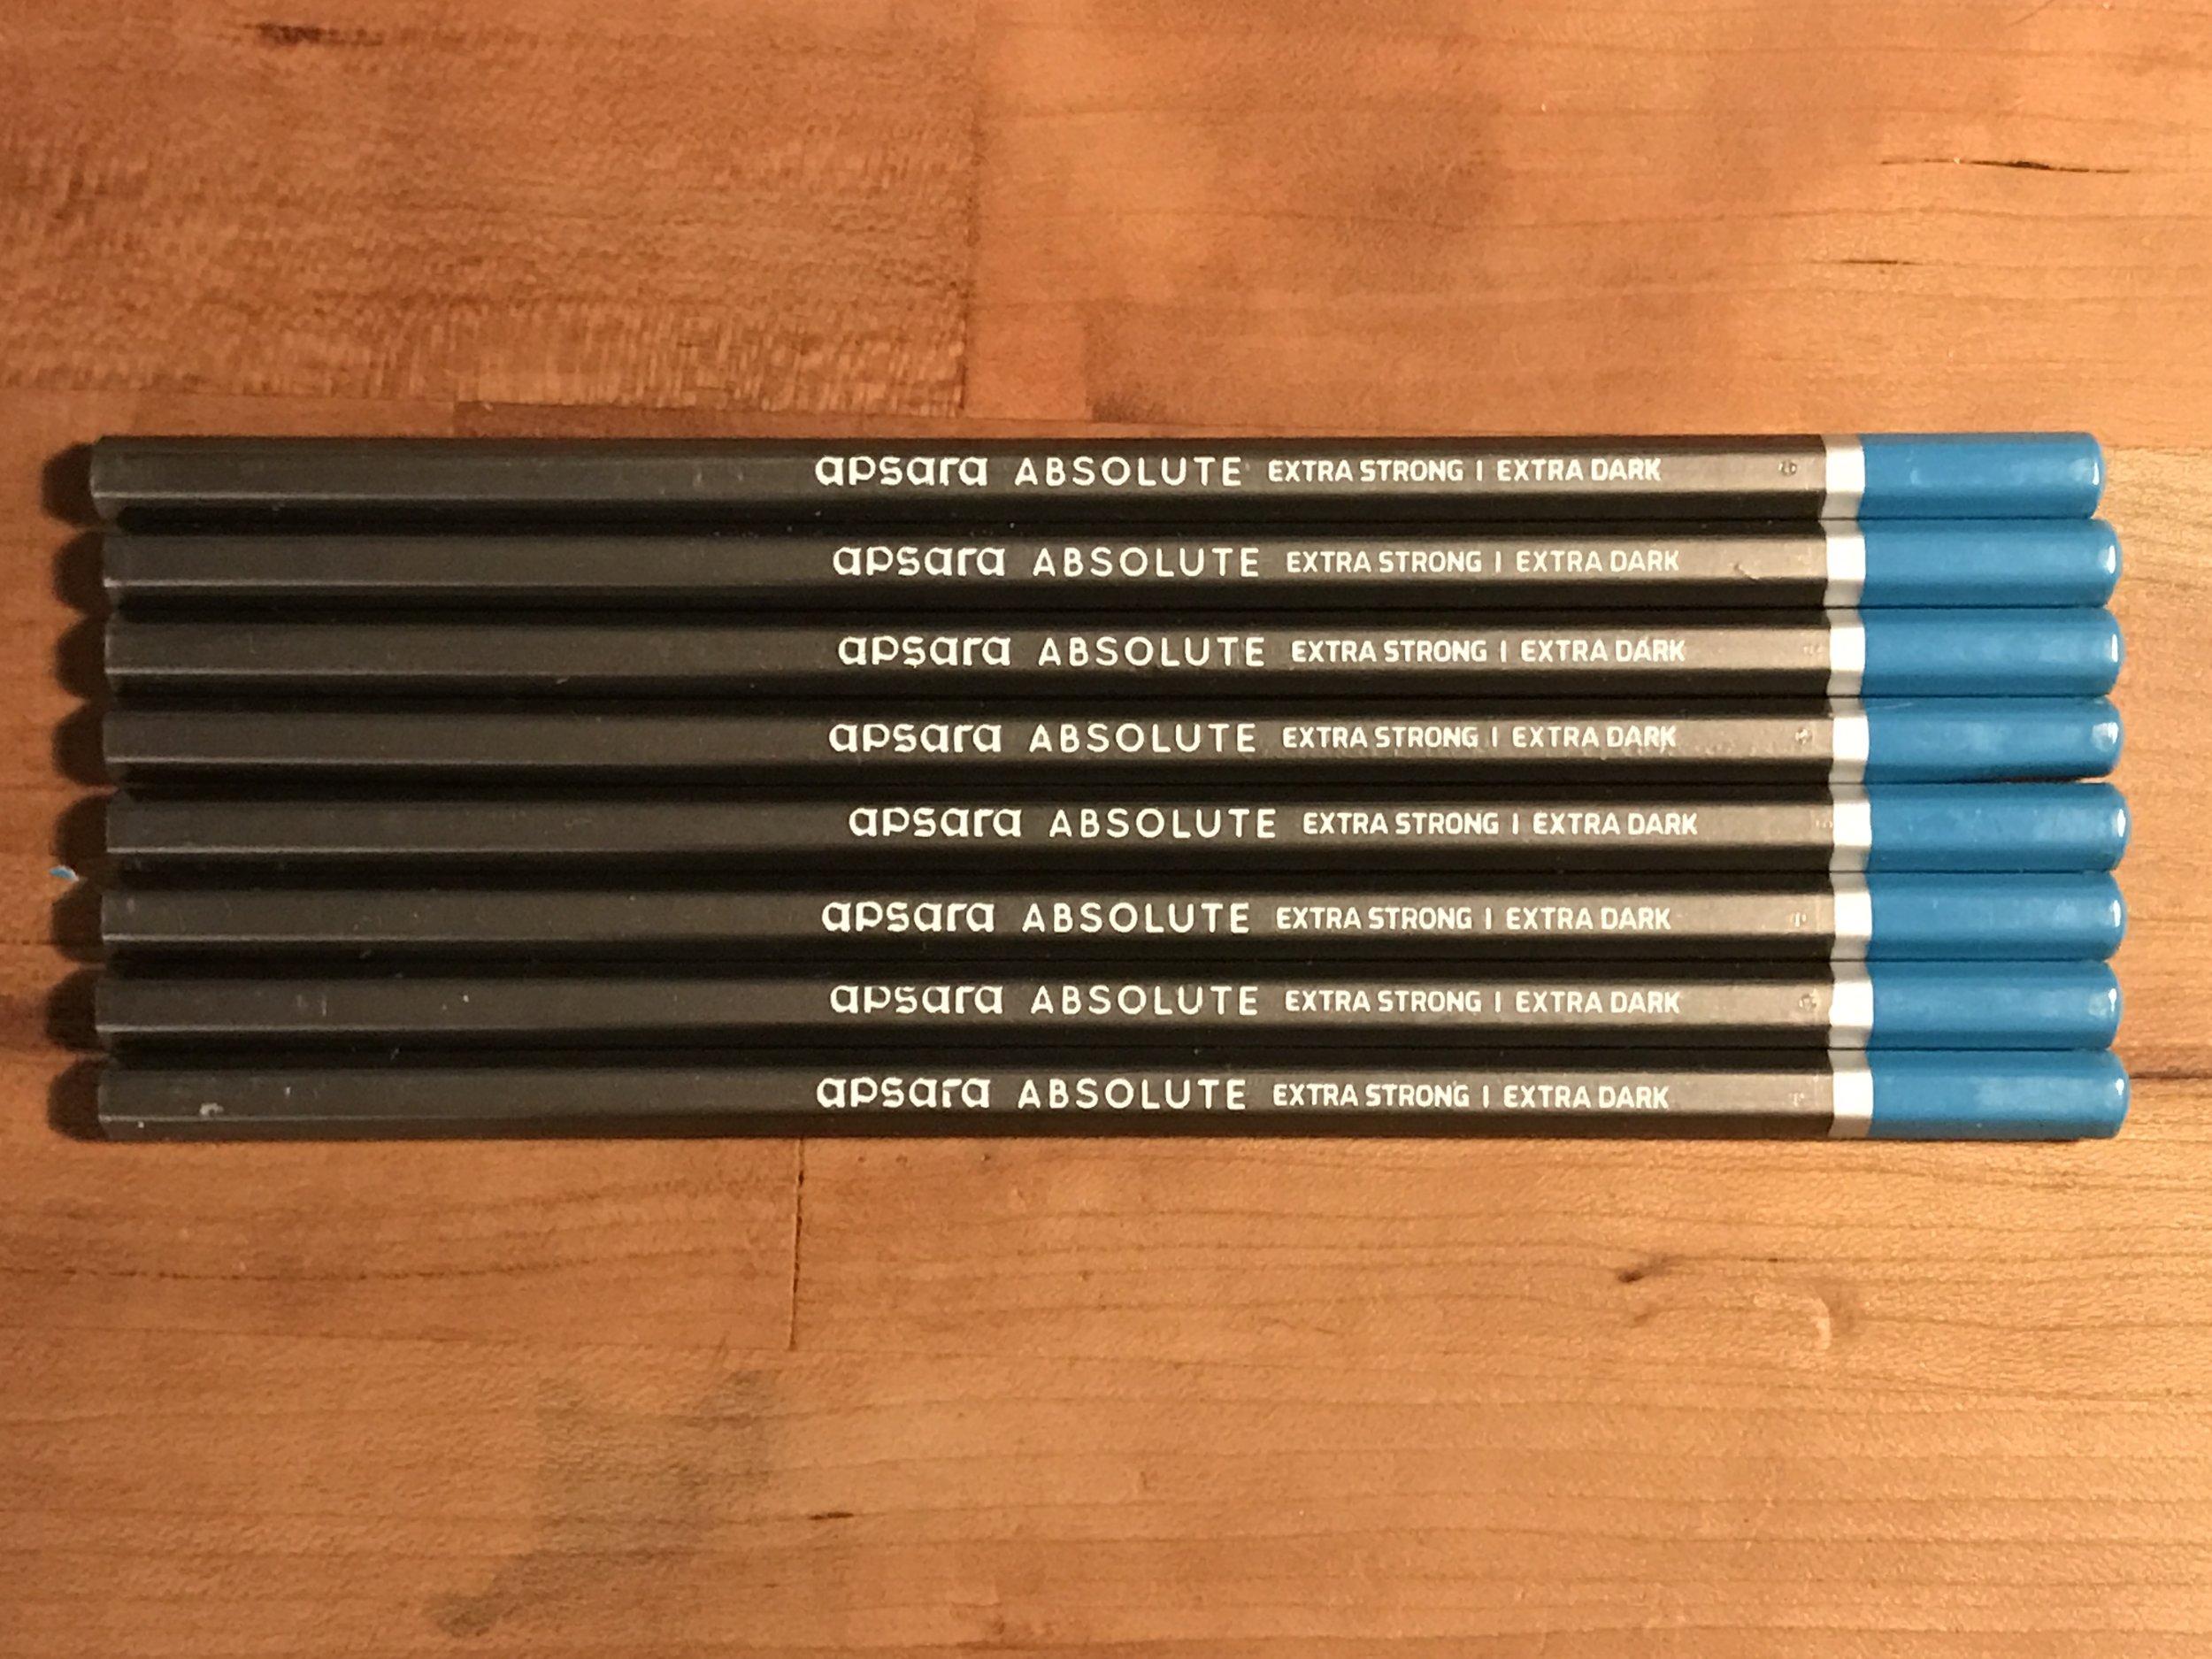 Lovely set of sticks.